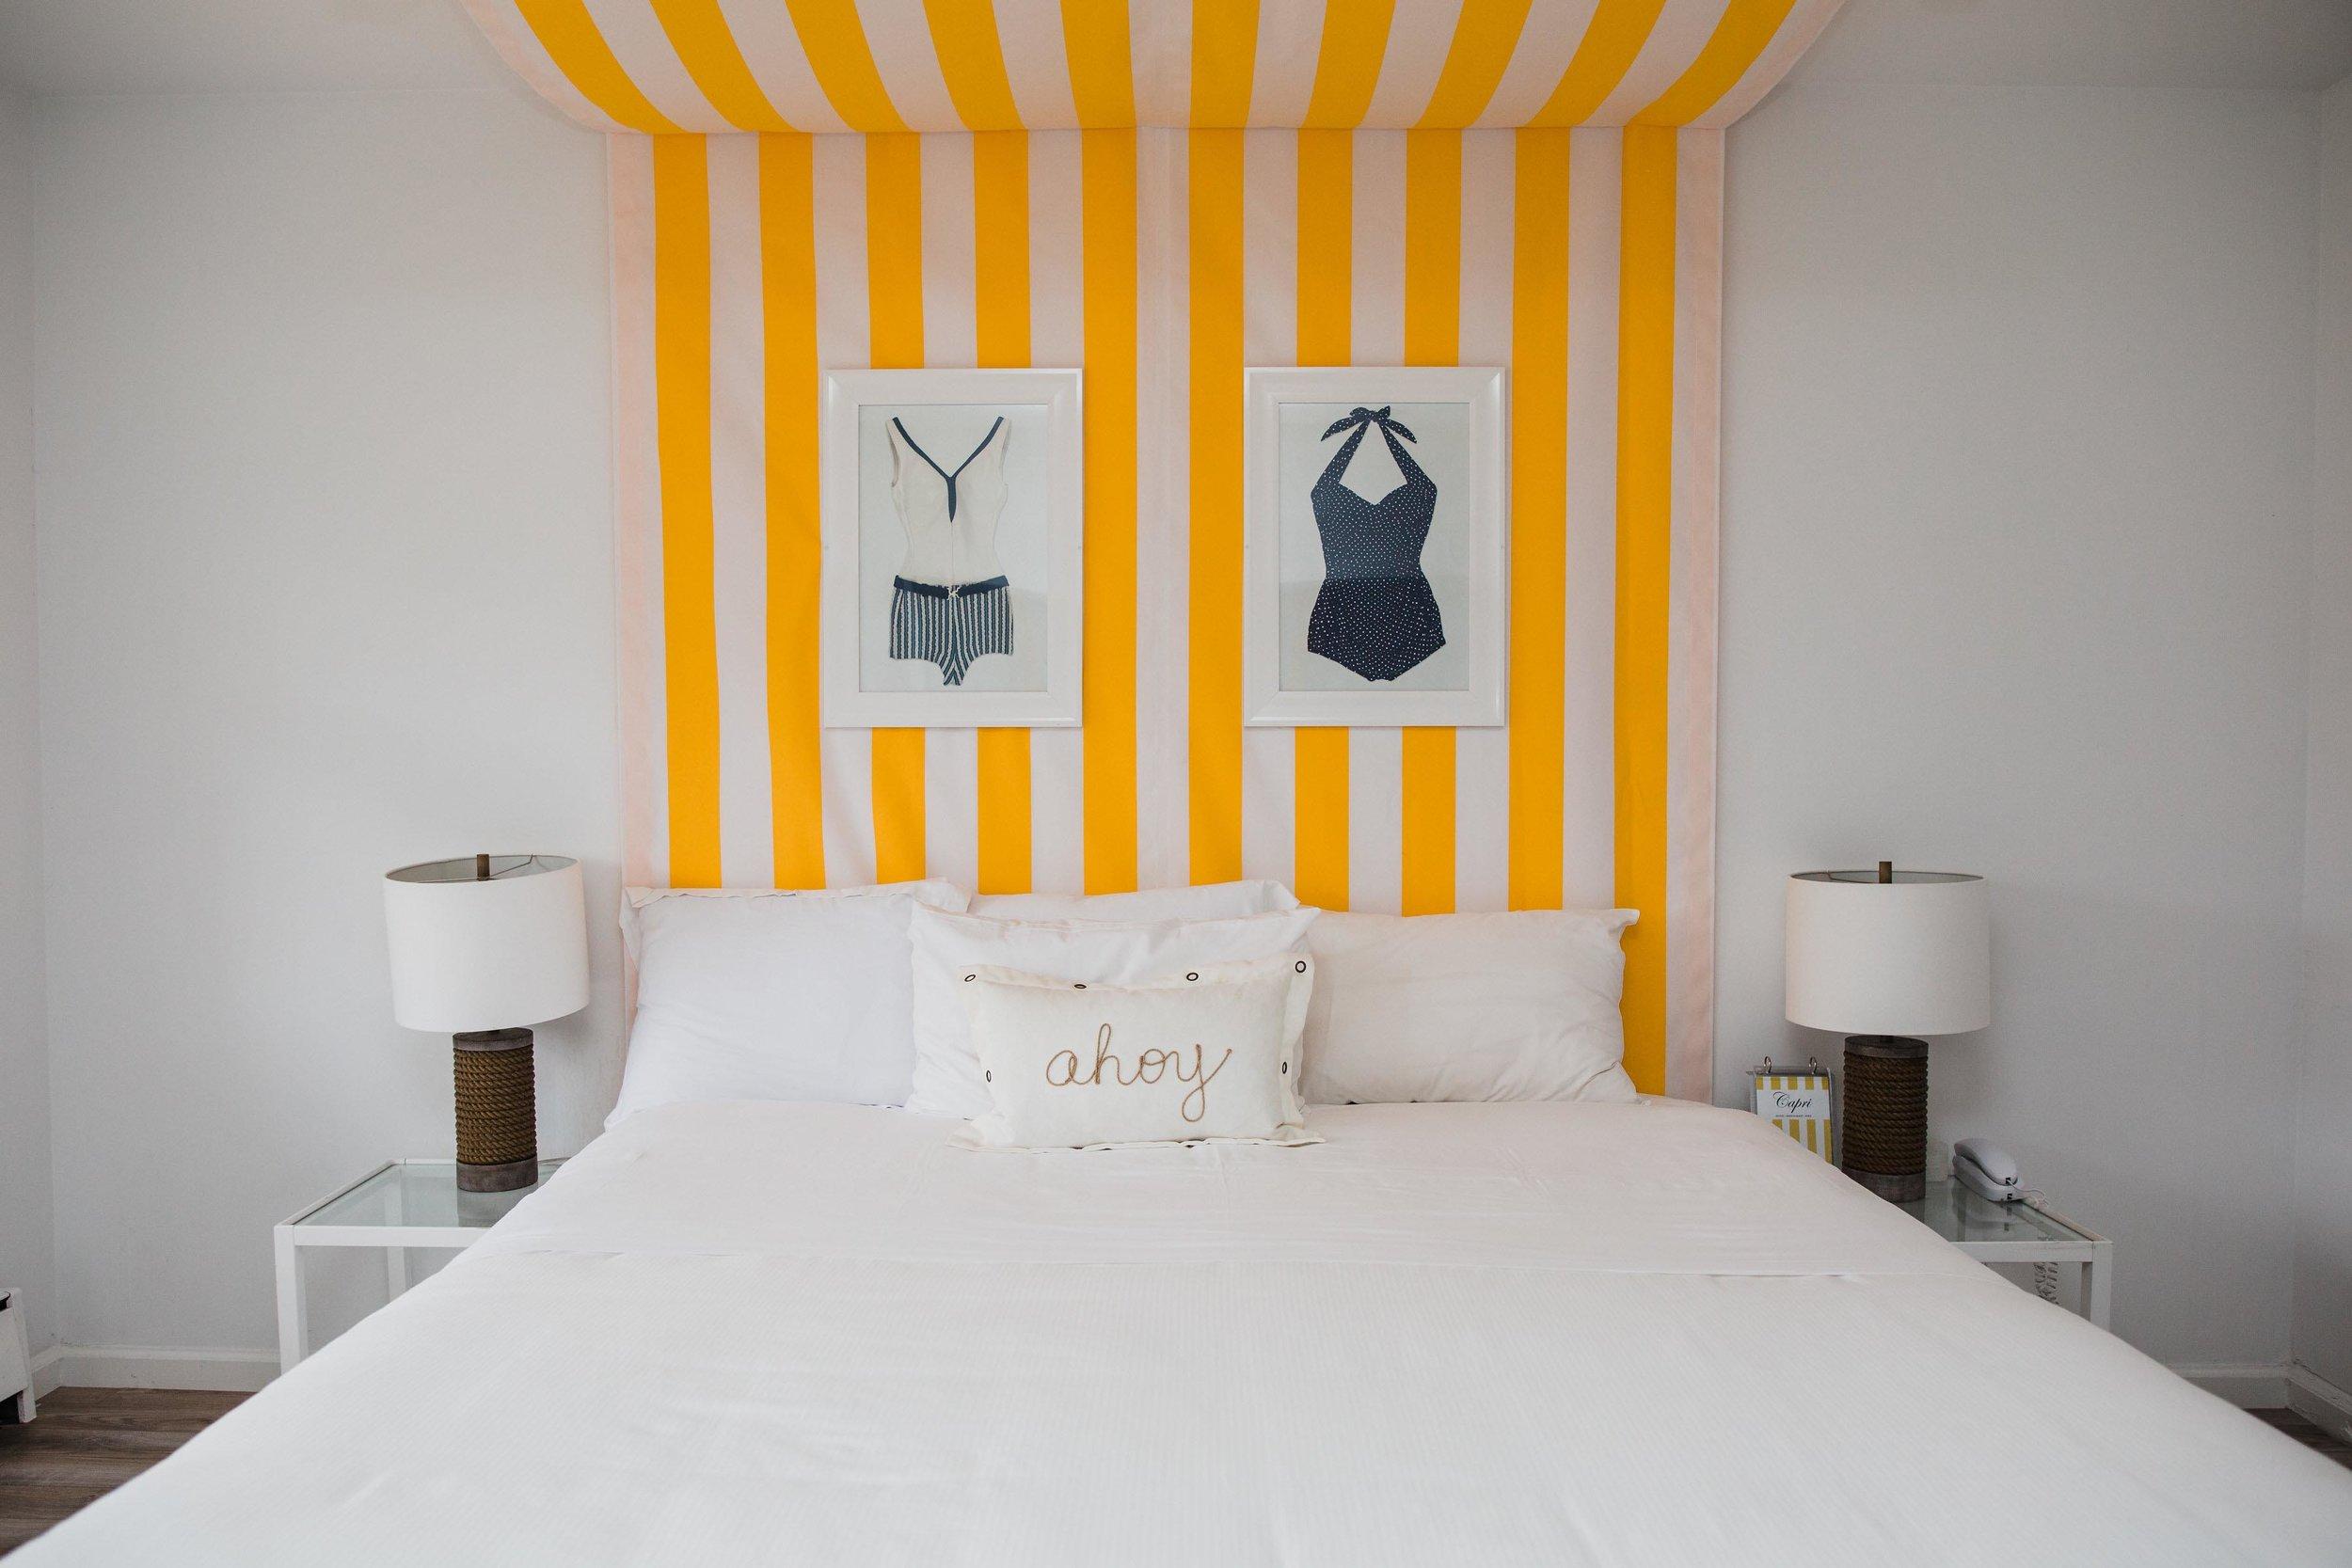 capri-hotel_shkphoto_002.jpg